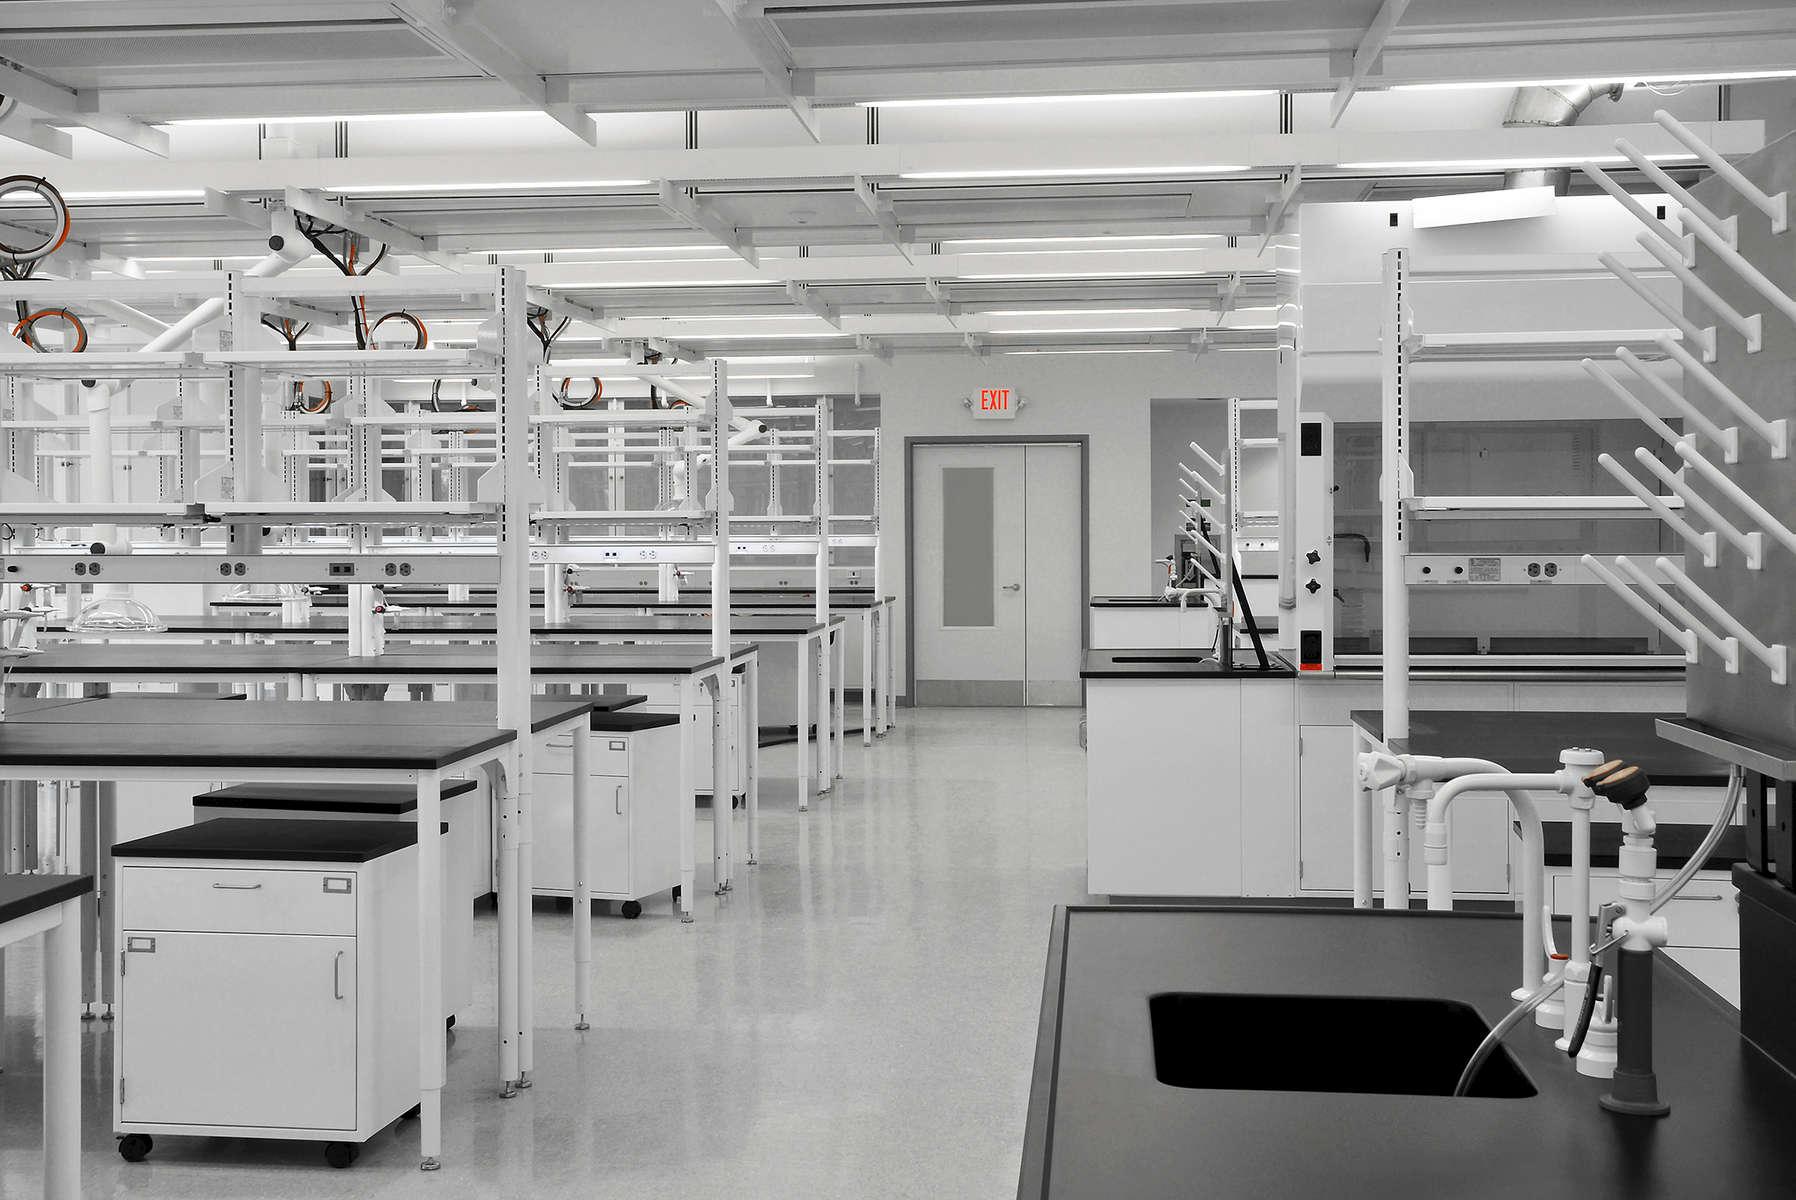 Lab at Morehouse School of MedicineAtlanta GAMarch 2013